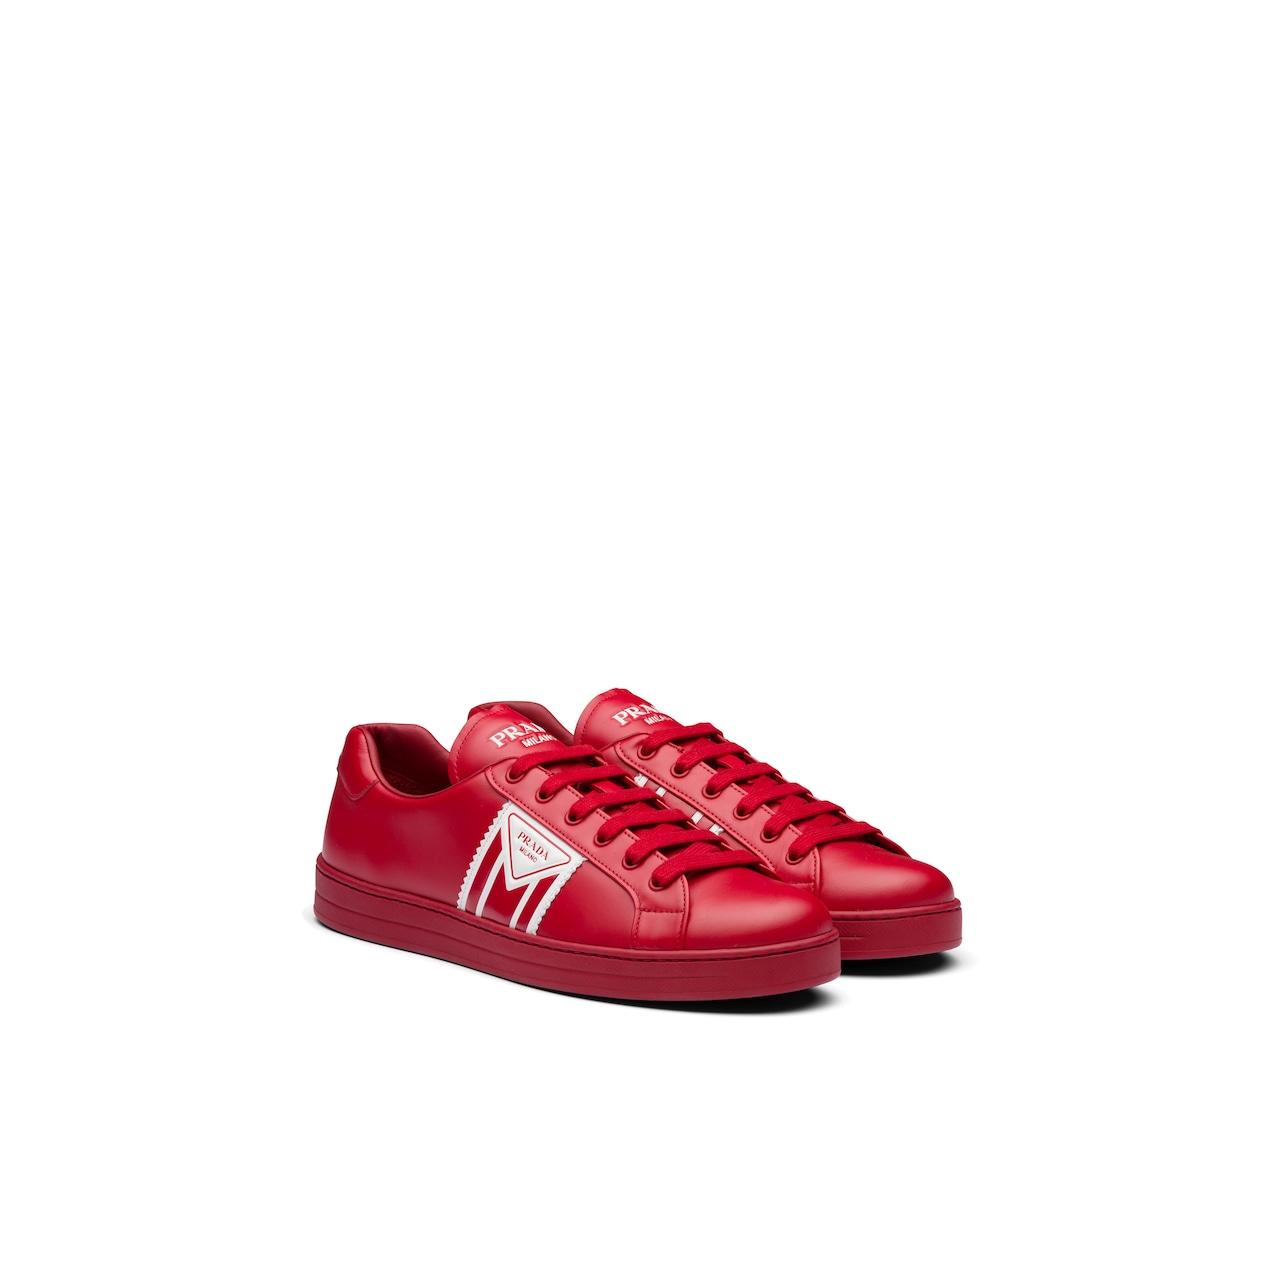 Prada 皮革运动鞋 1